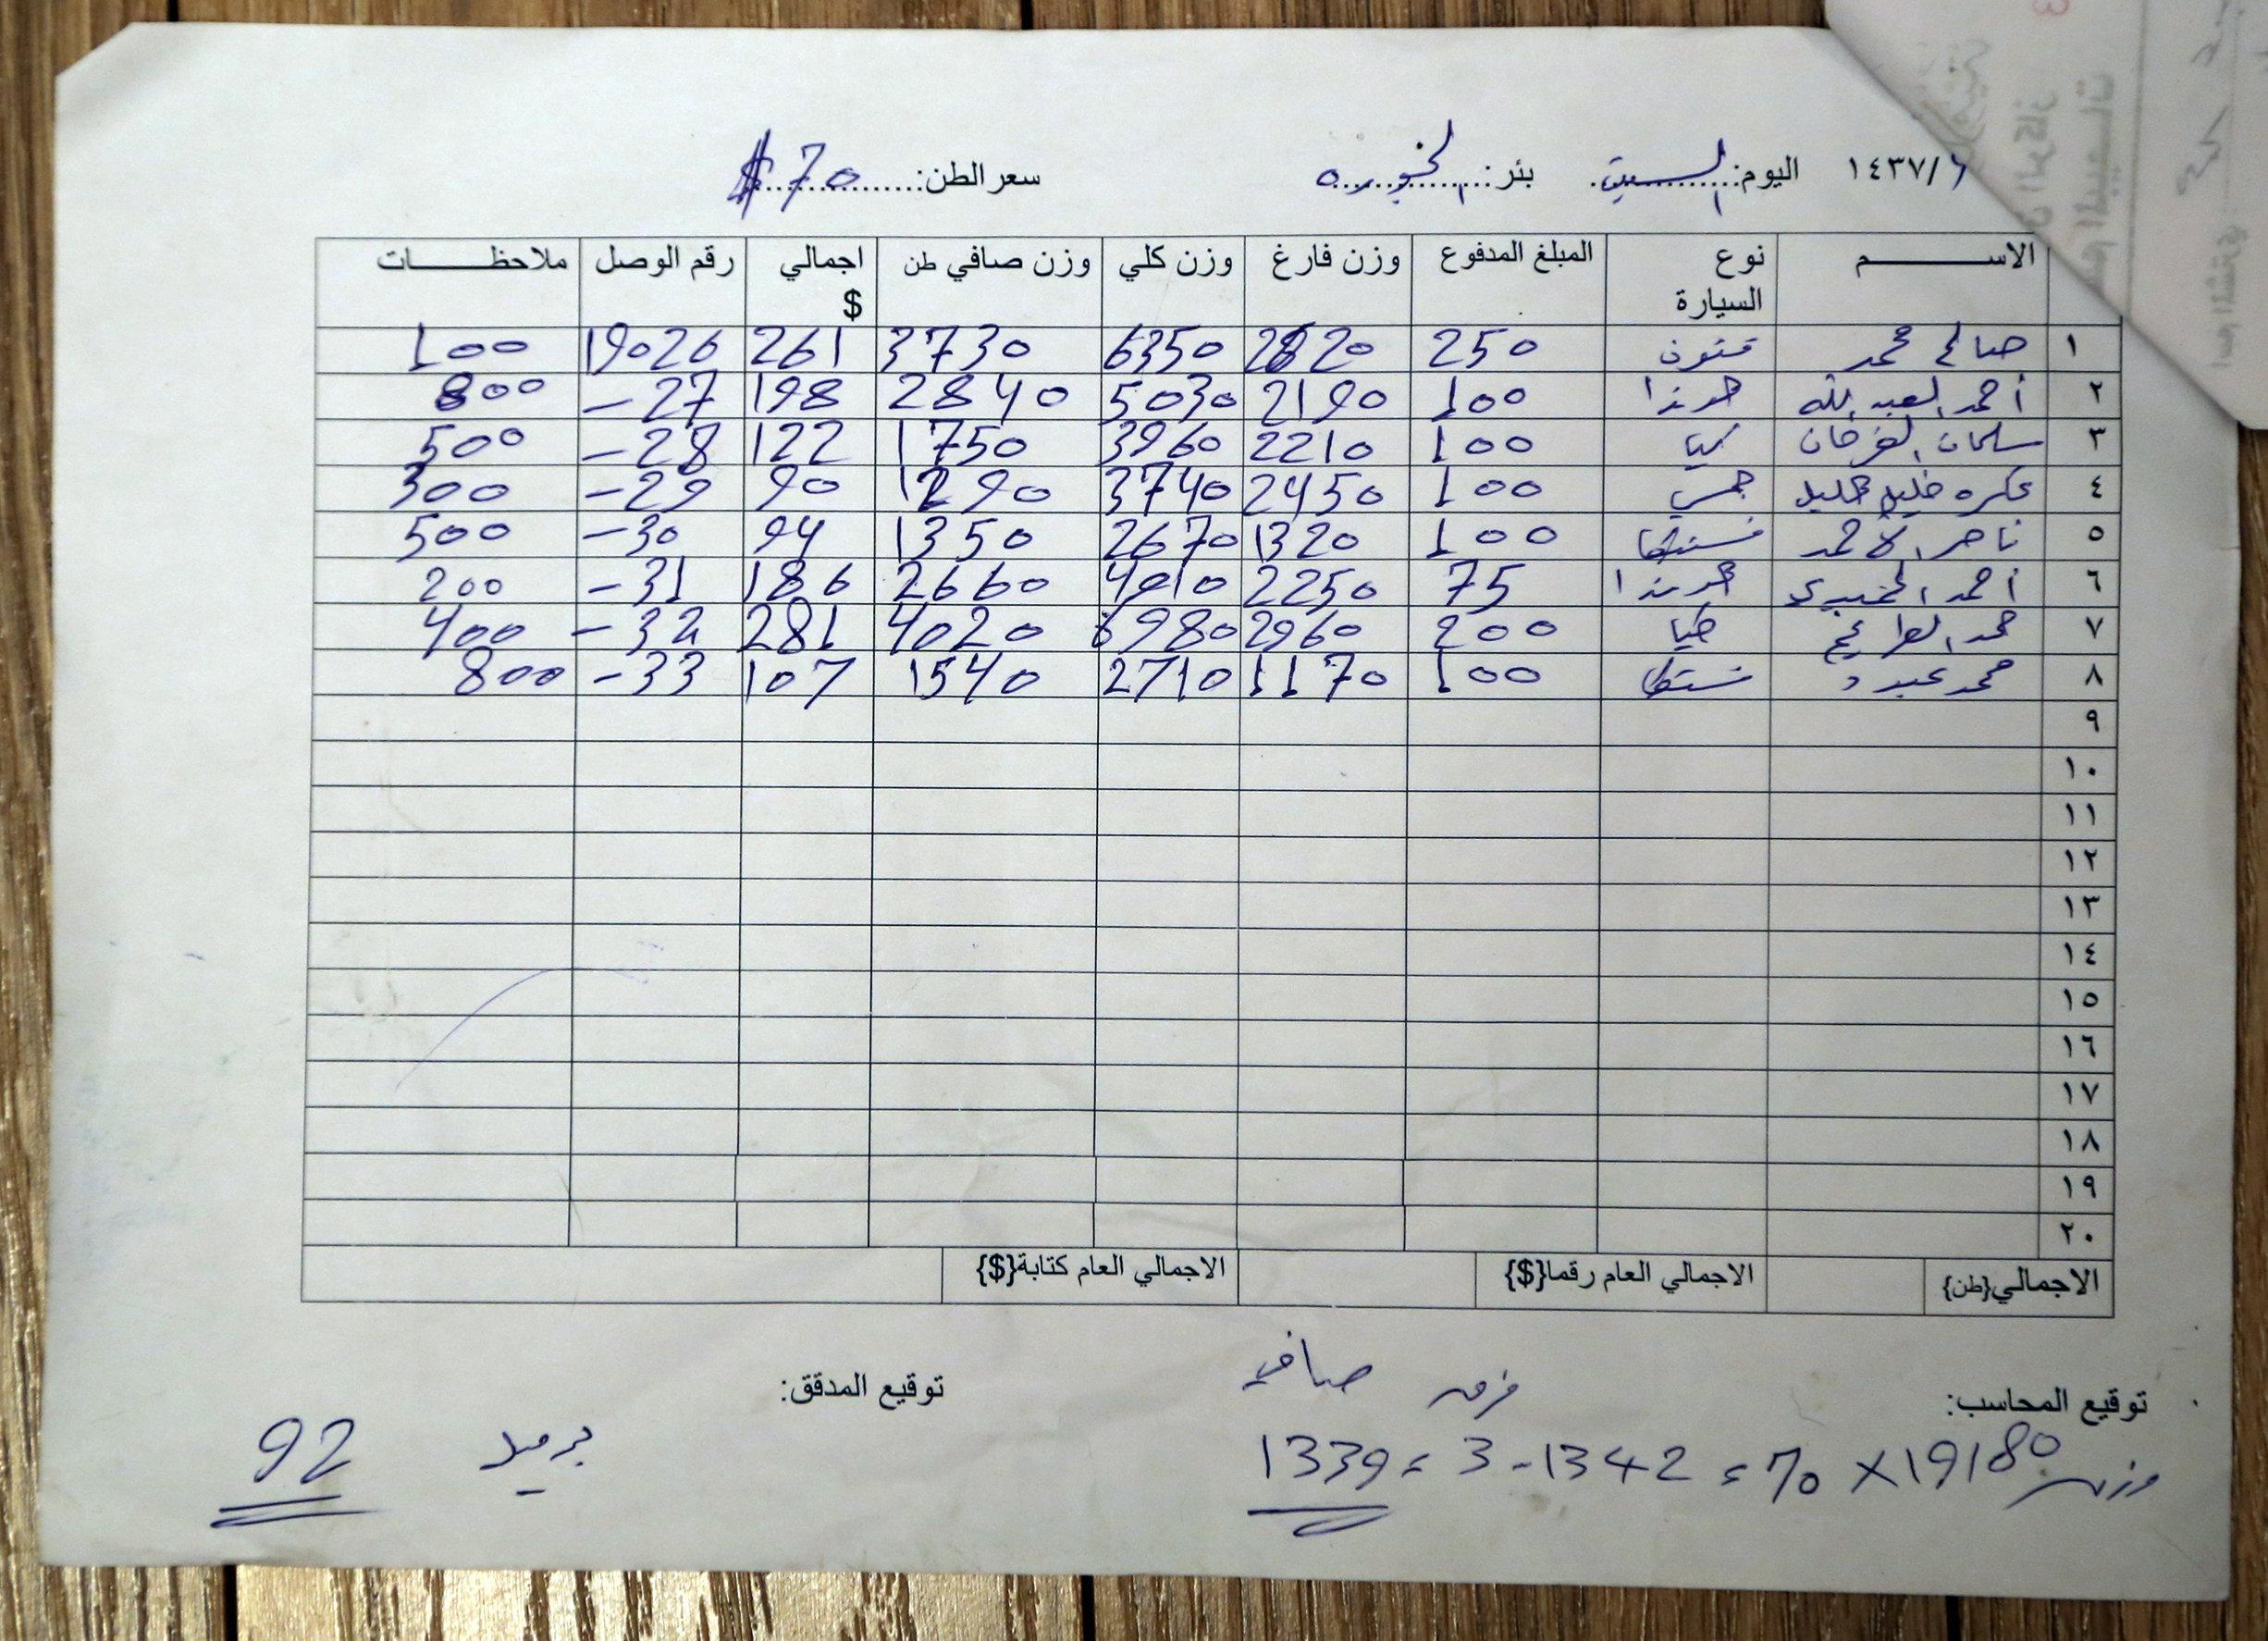 Un document sur la vente de pétrole brut issu du puits Rijura